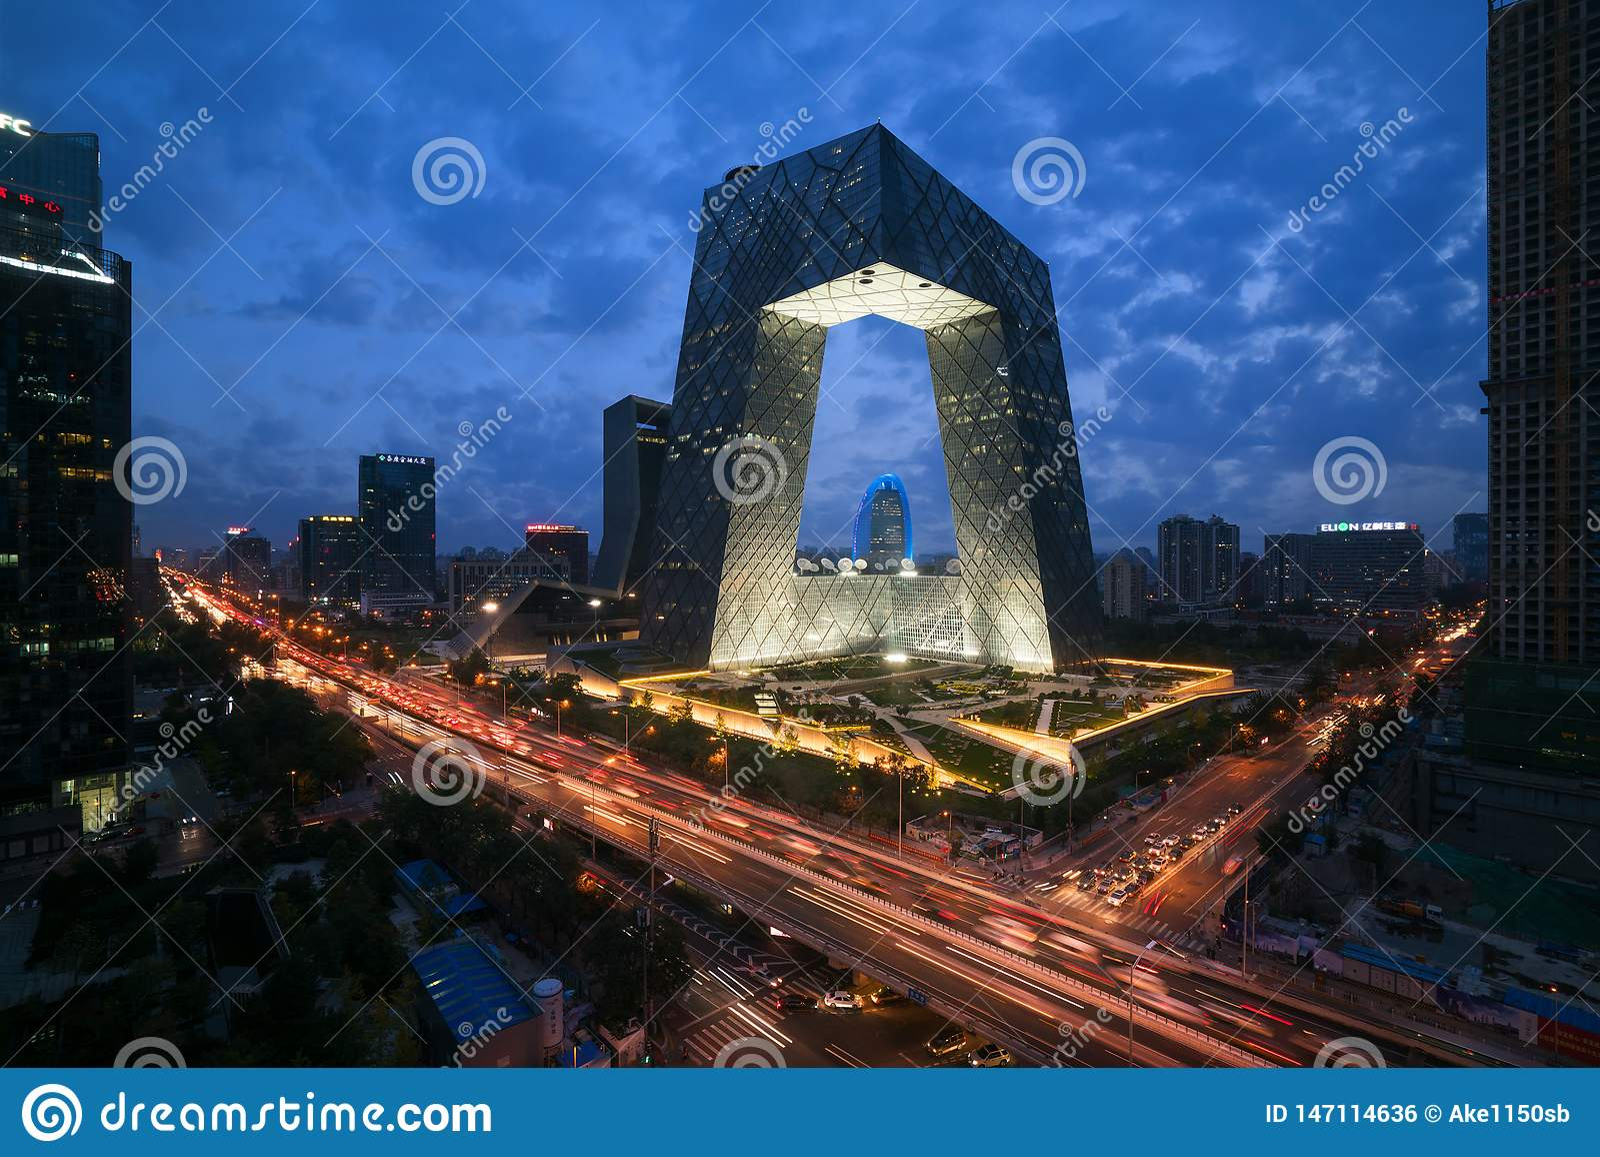 Η πόλη του Πεκίνου της Κίνας, ένα διάσημο κτήριο ορόσημων, CCTV CCTV της Κίνας ψηλοί ουρανοξύστες 234 μέτρων είναι πολύ θεαματική